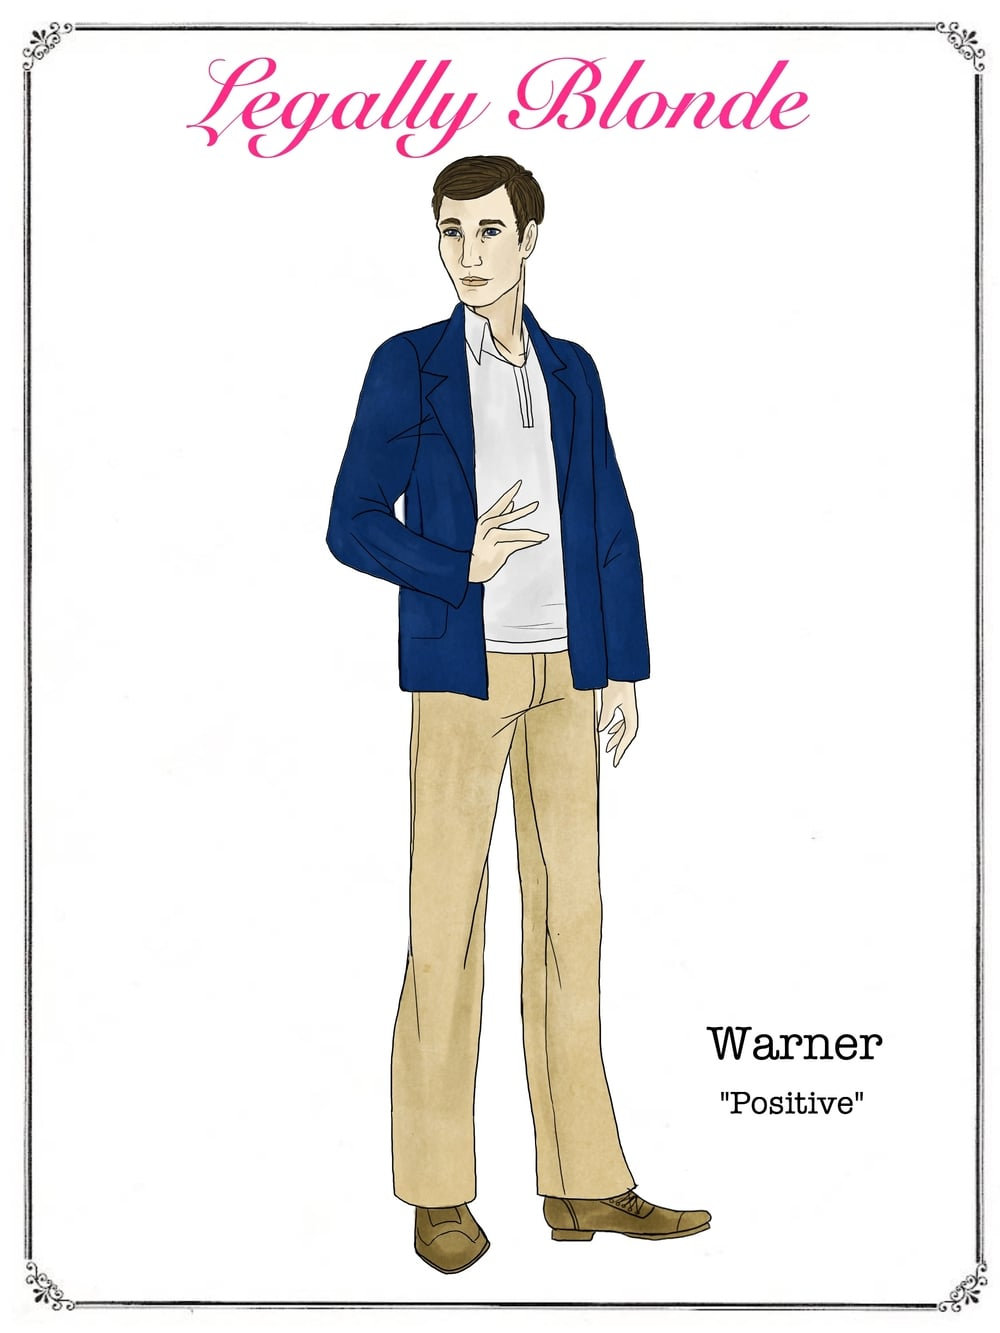 LB_Warner.jpg